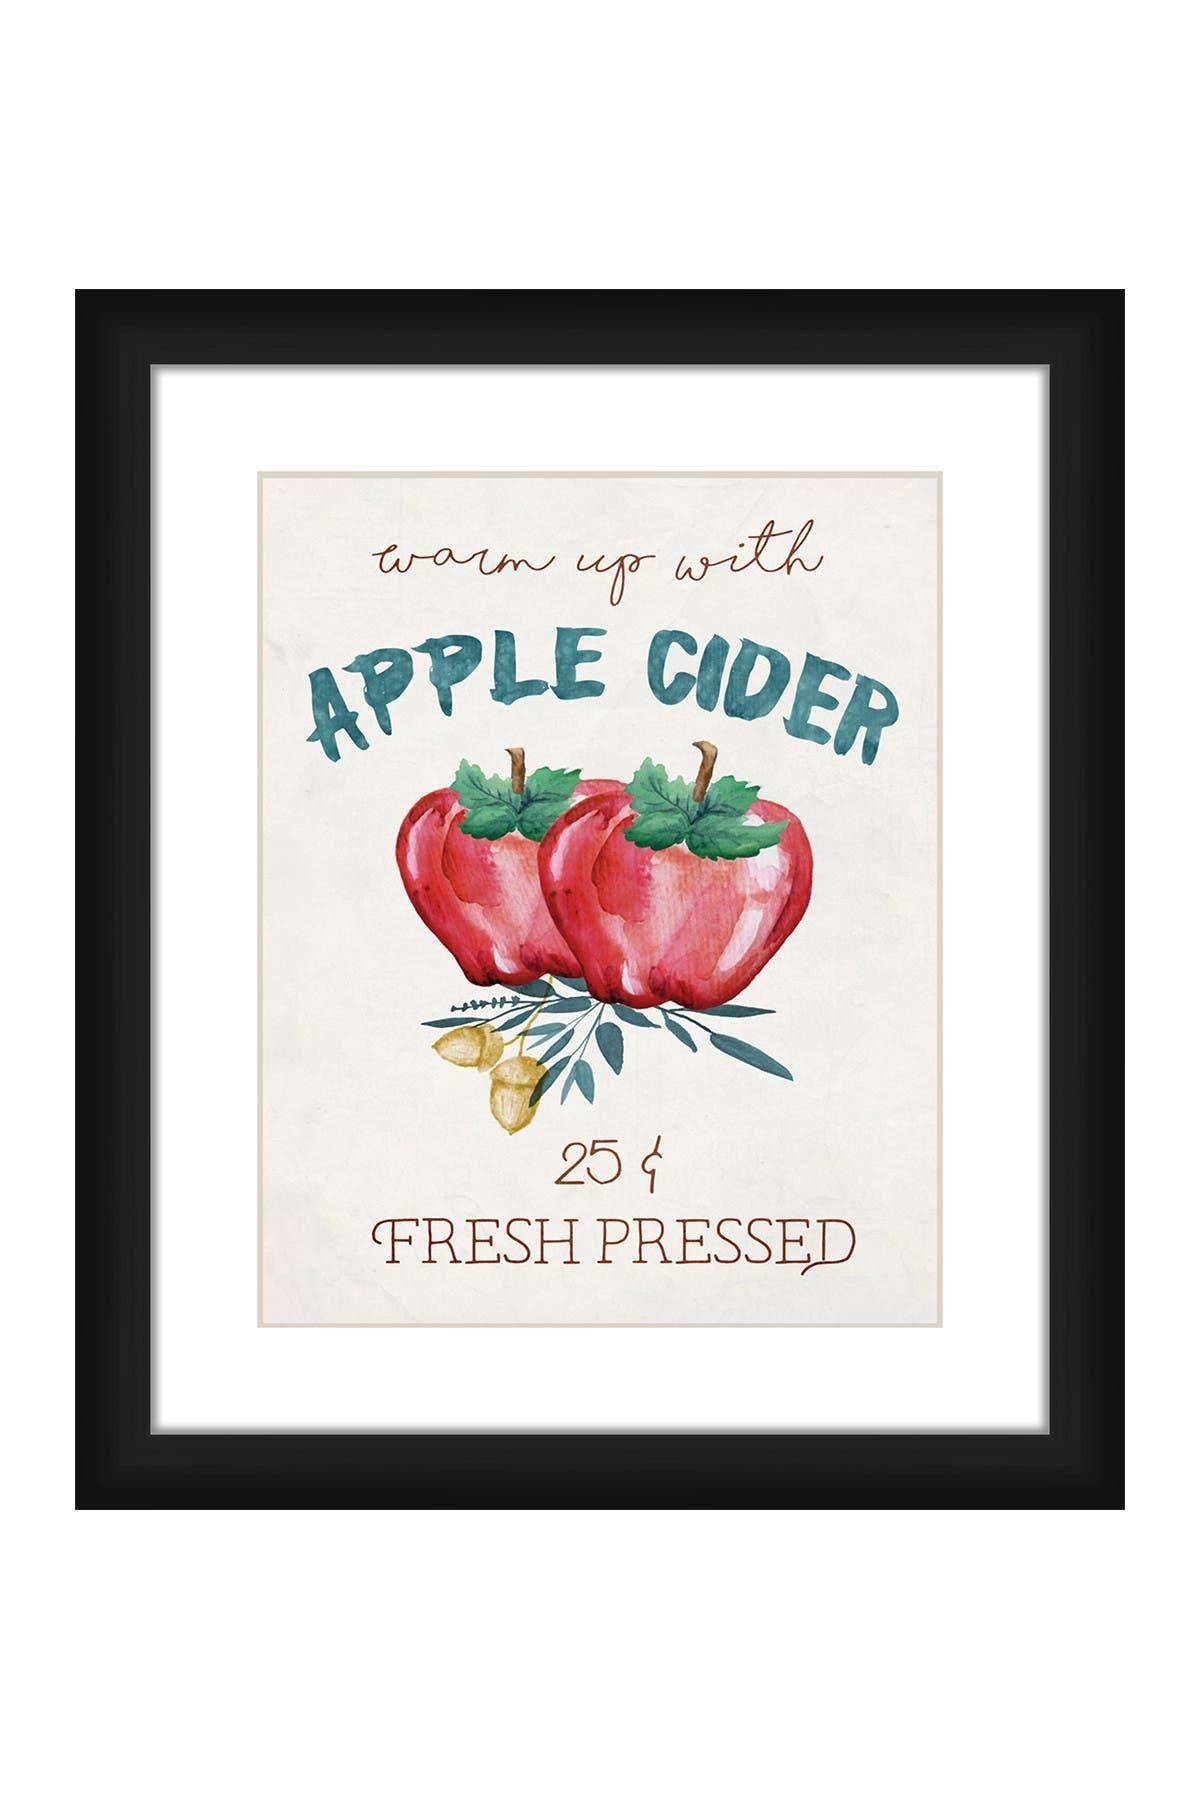 PTM Images Apple Cider Framed Matted Giclee Print